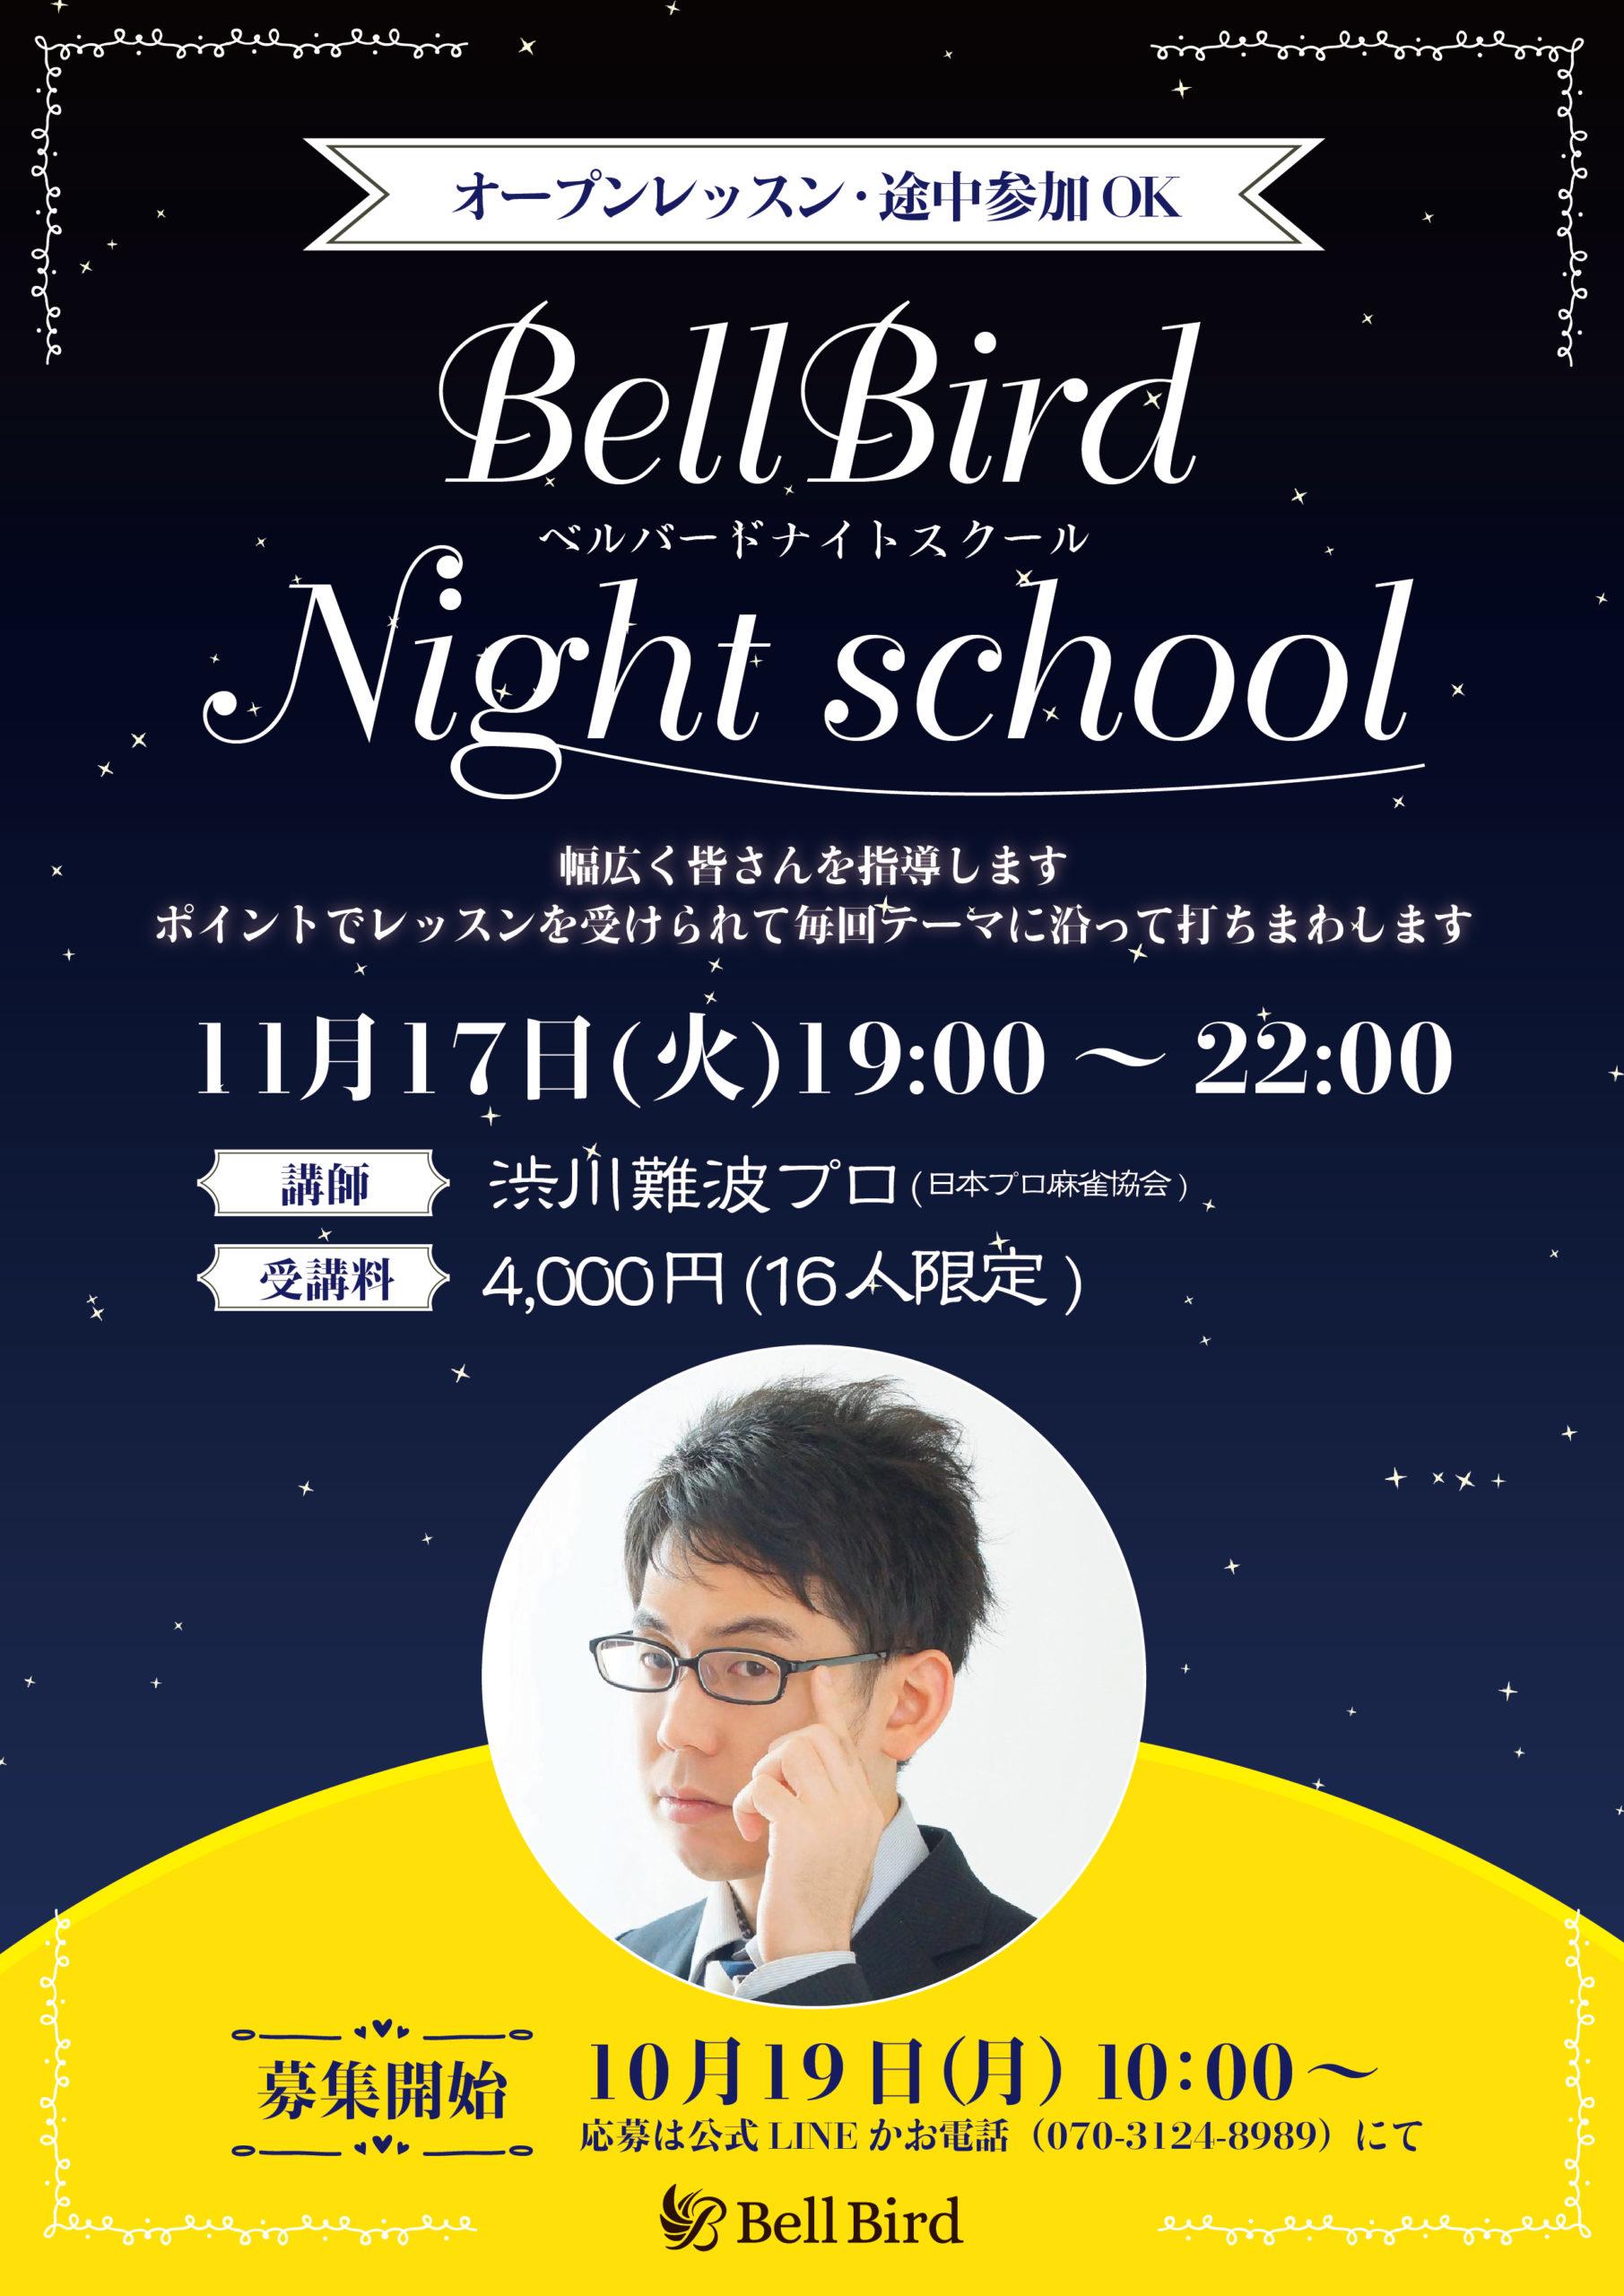 20201117渋川難波_アートボード 1